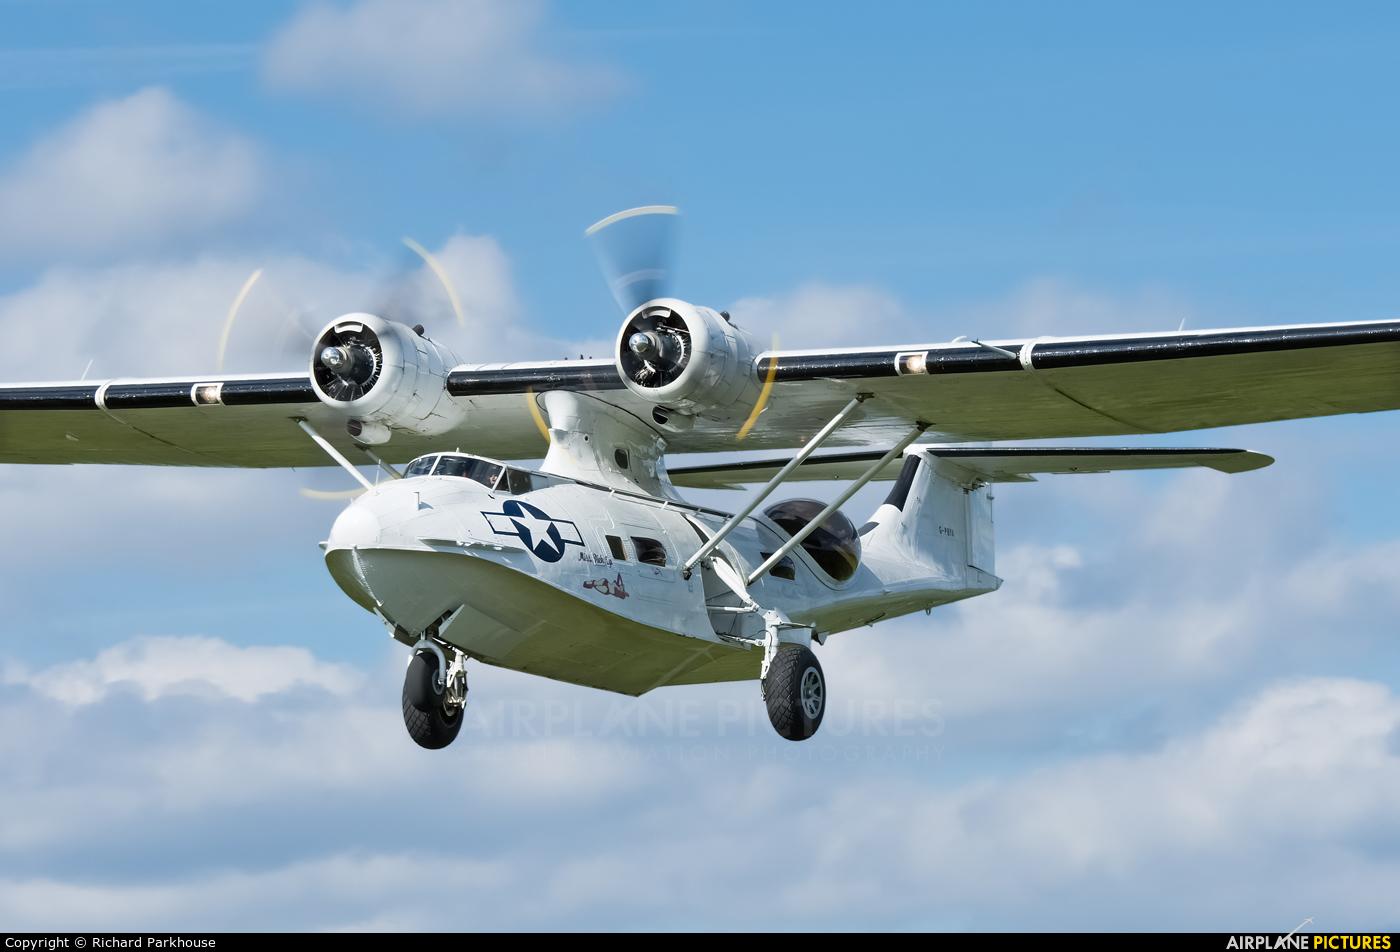 Catalina Aircraft G-PBYA aircraft at Blackbushe